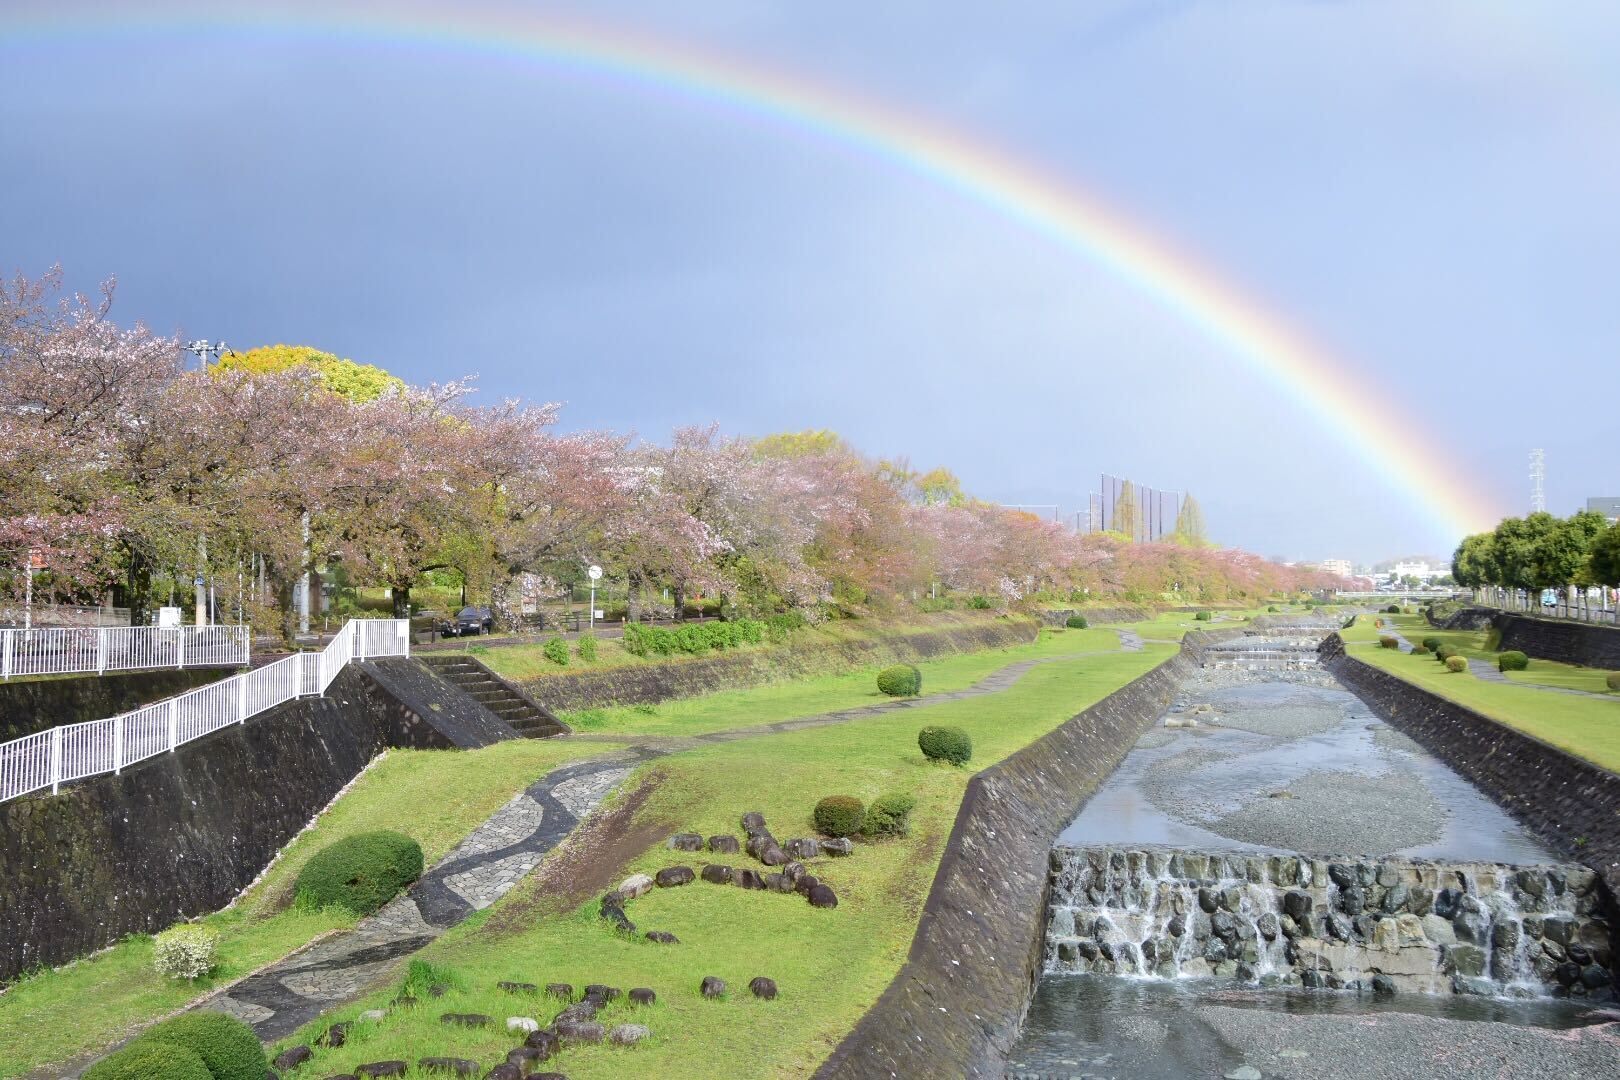 秦野(はだの)の桜を見に行こう - 神奈川の桜穴場スポット 秦野さくら2020